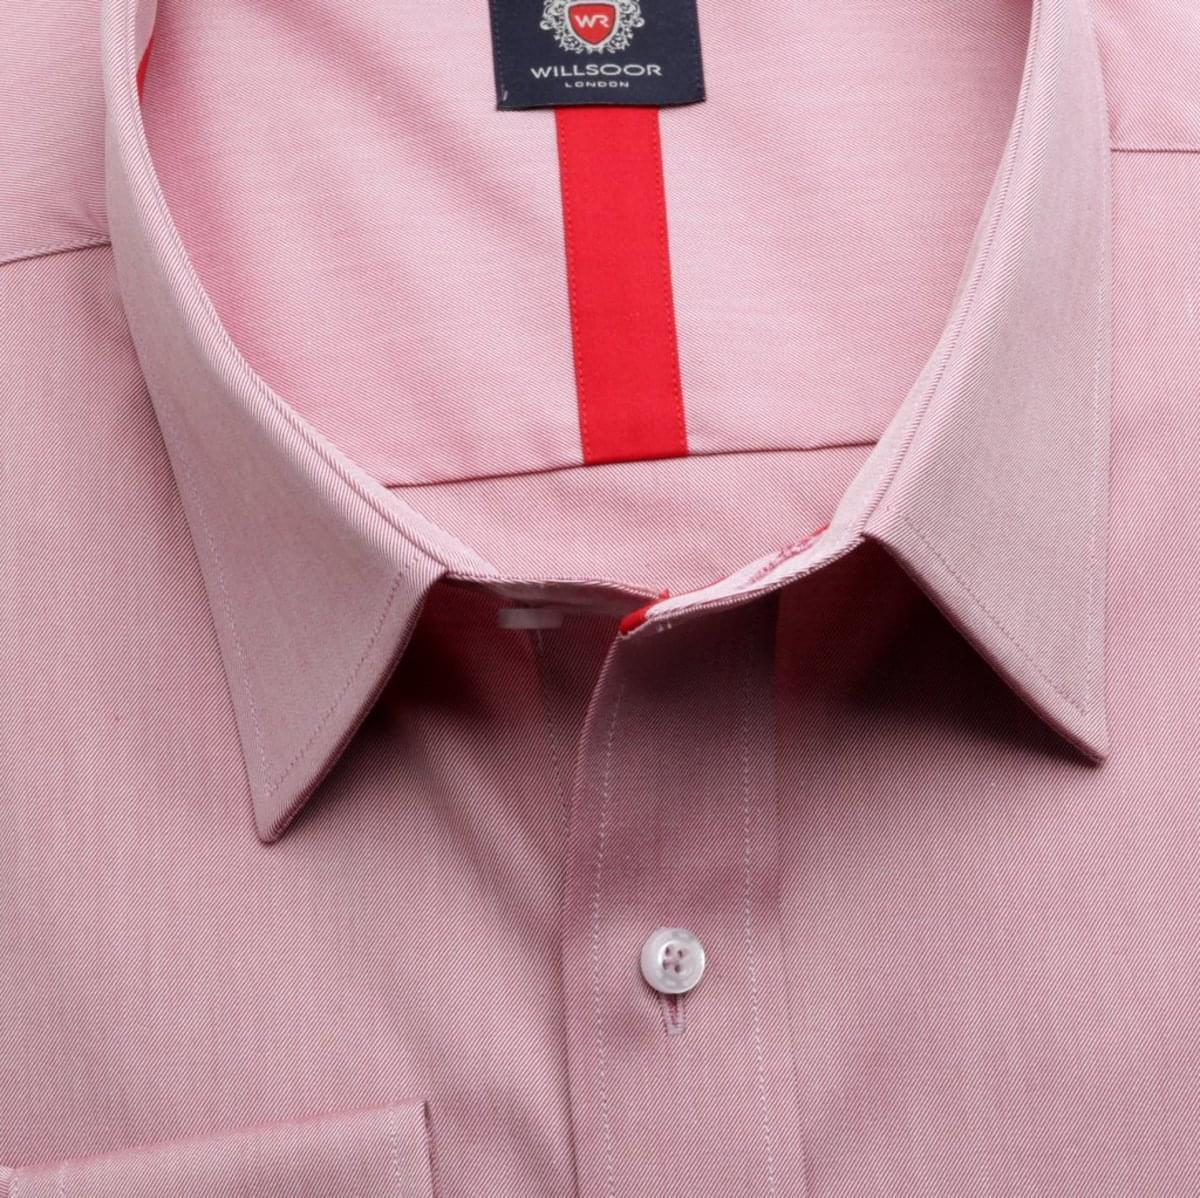 Pánská klasická košile London (výška 176-182) 5995 ve fialkové barvě s formulí Easy Care 176-182 / 47/48